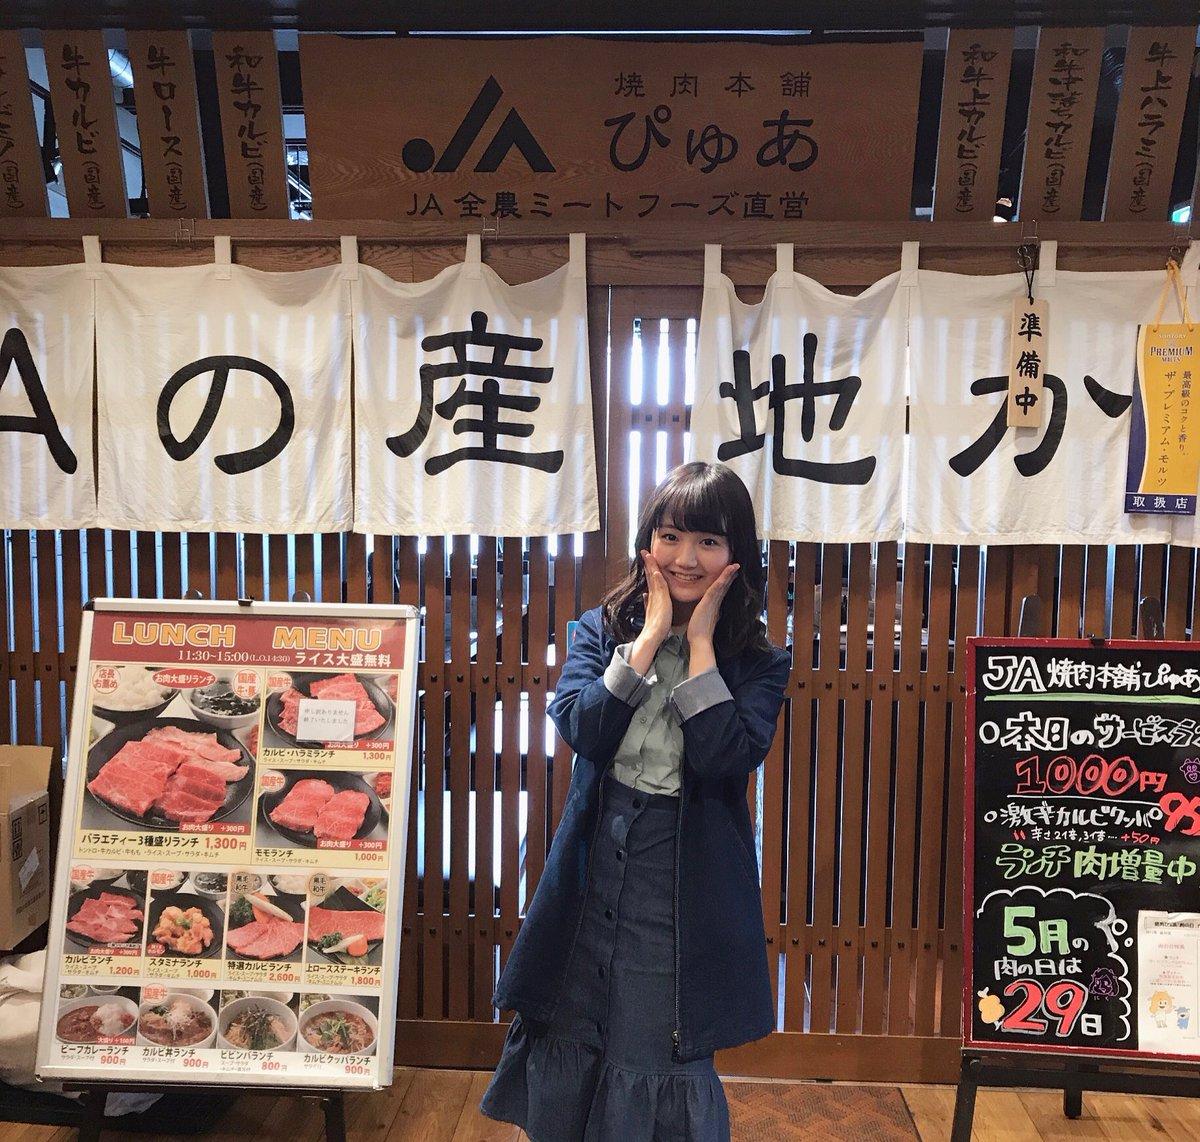 昨日は、どうビス×PPPで焼肉食べました✨🥓 なんと…焼肉''ぴゅあ''を発見💕  焼肉美味しかった♪♪  #ぴゅあ